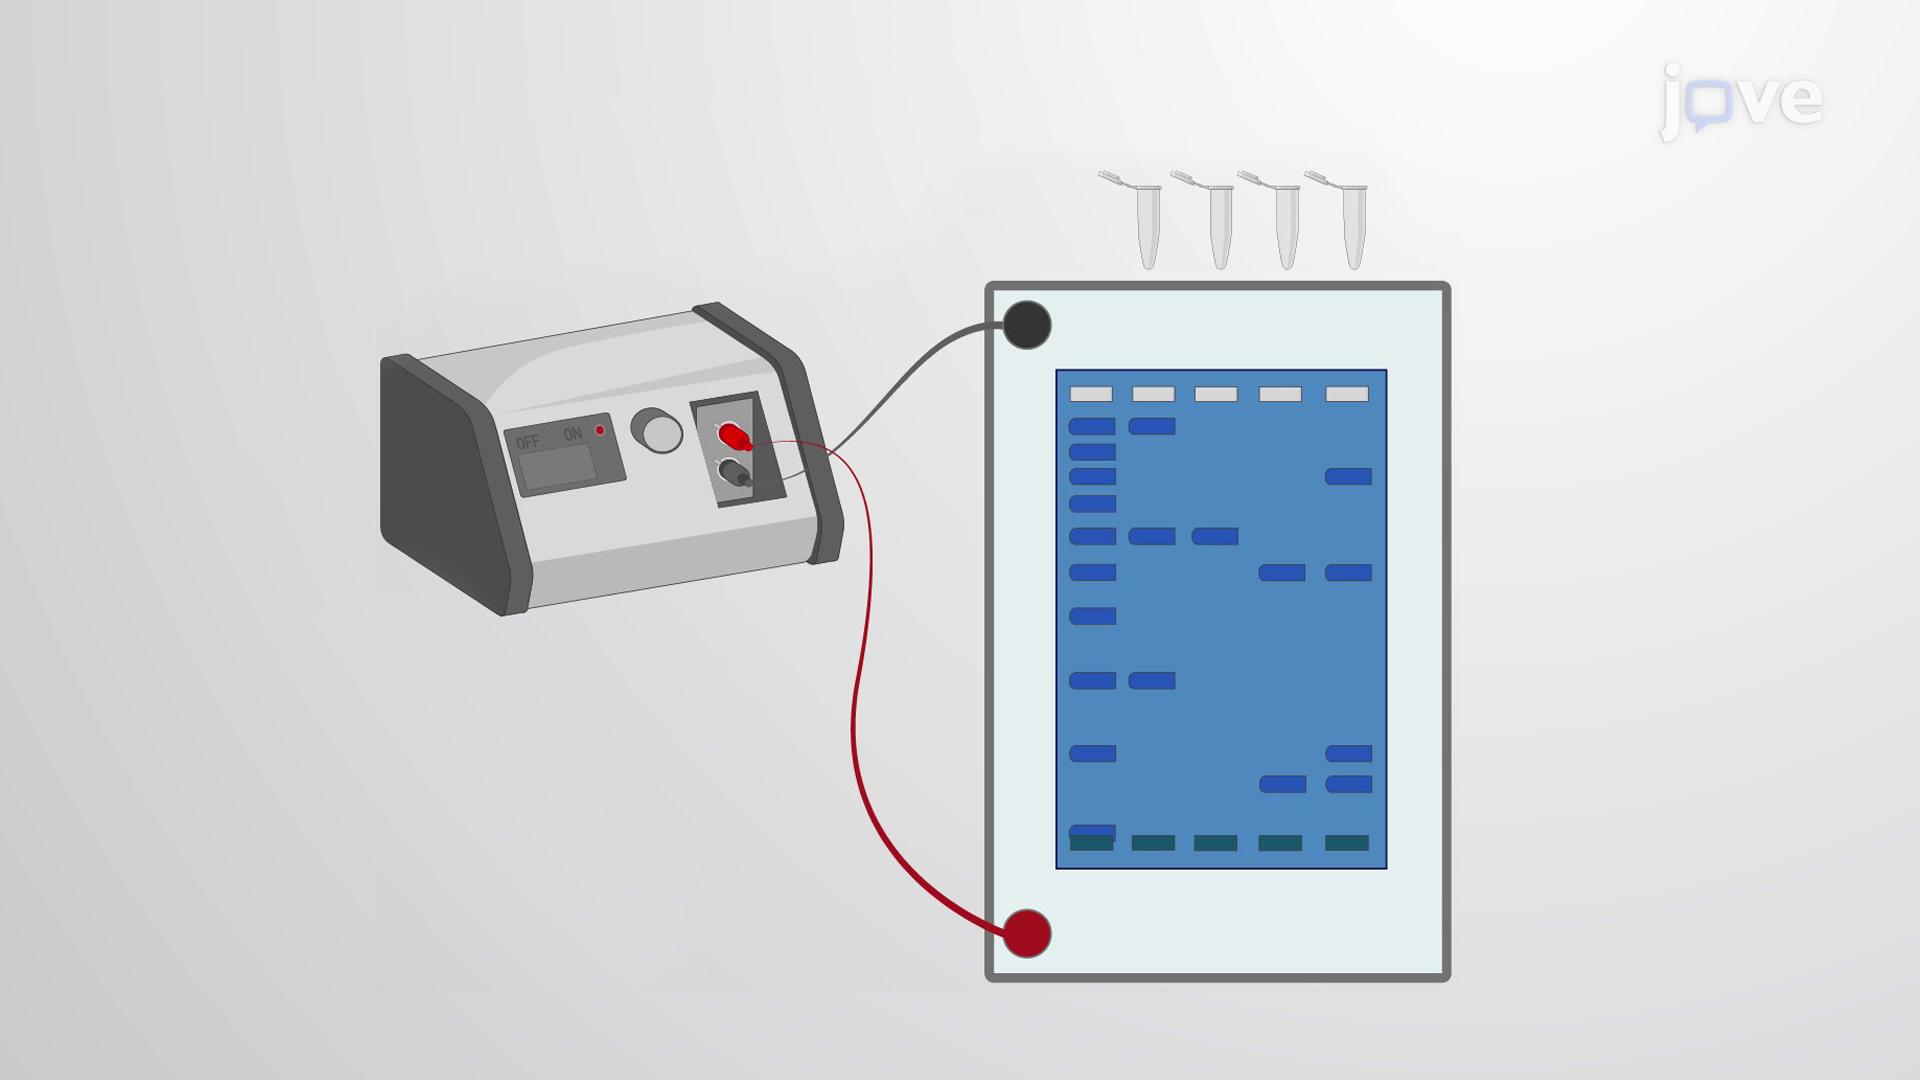 Maxam-Gilbert Sequencing